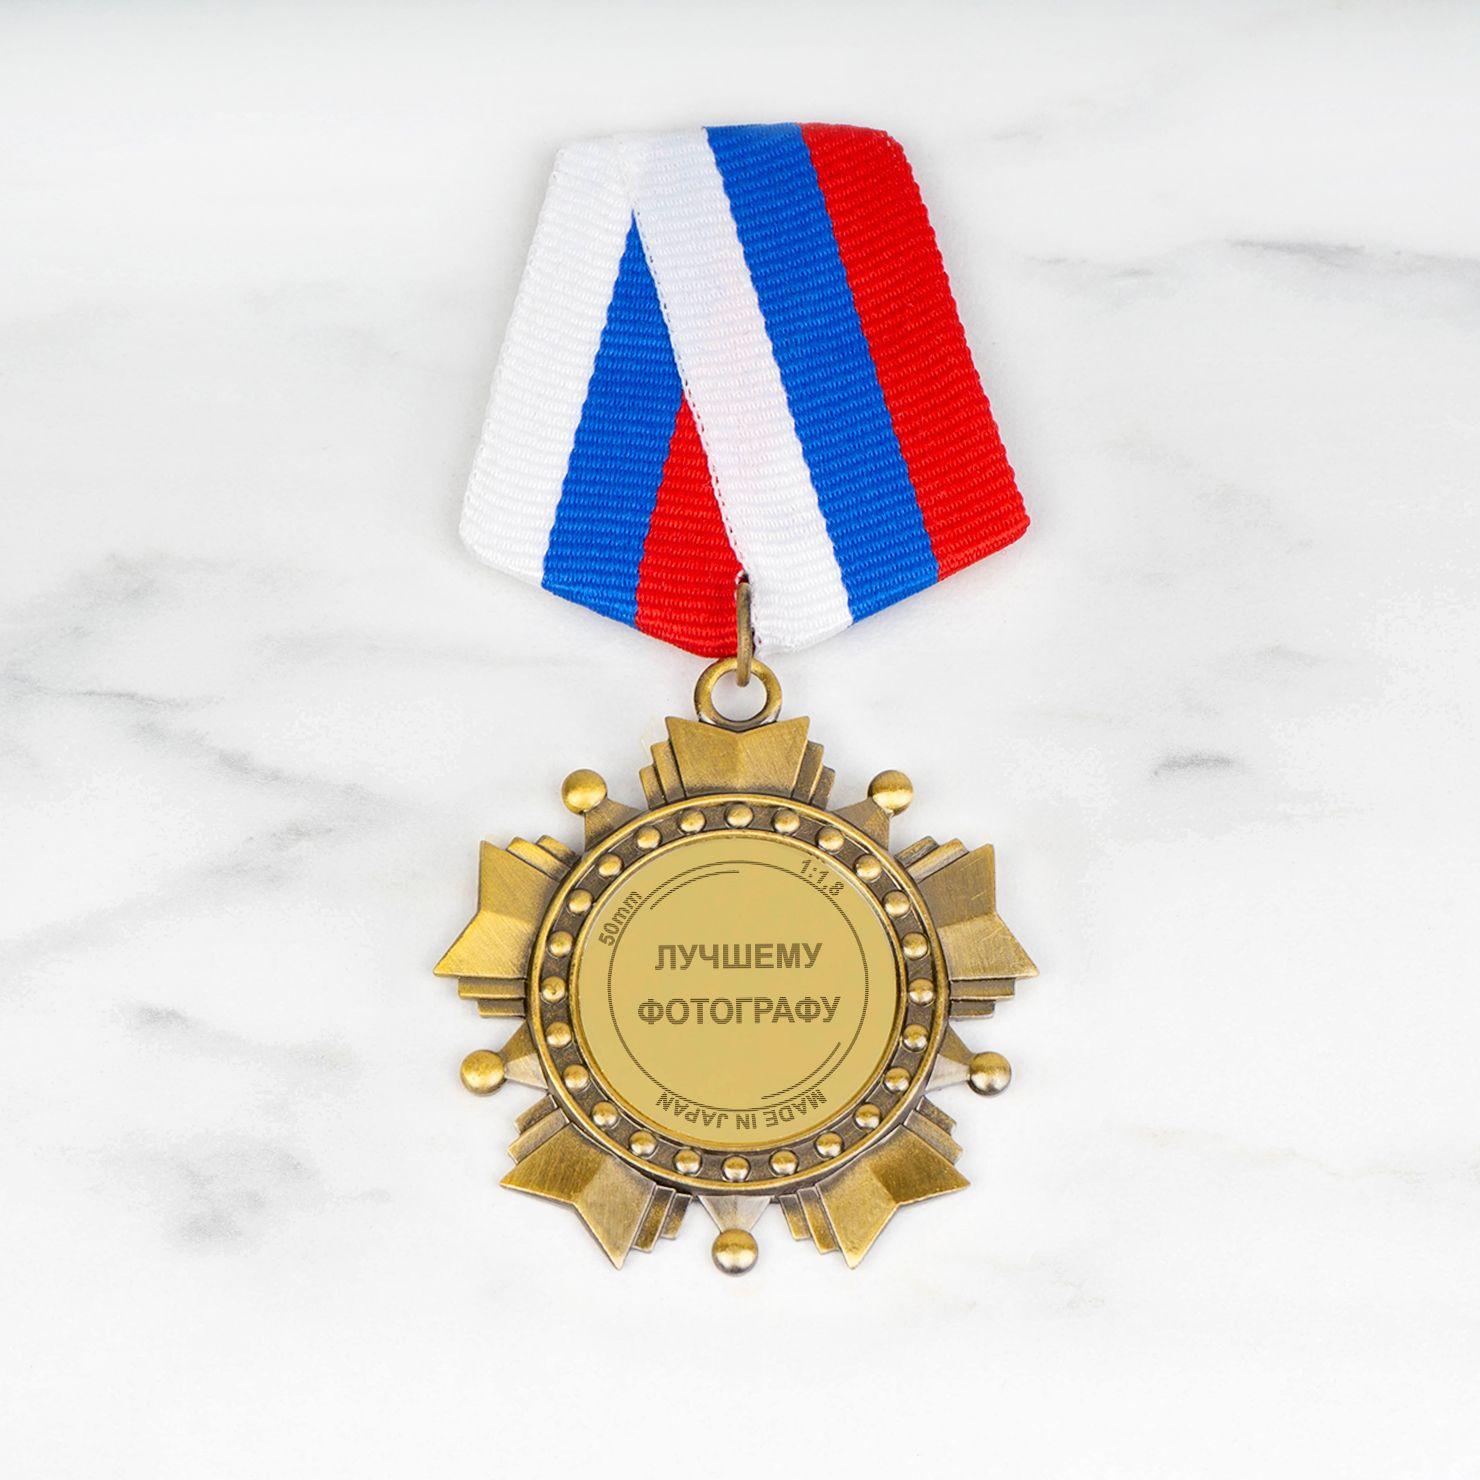 Орден *Лучшему фотографу*